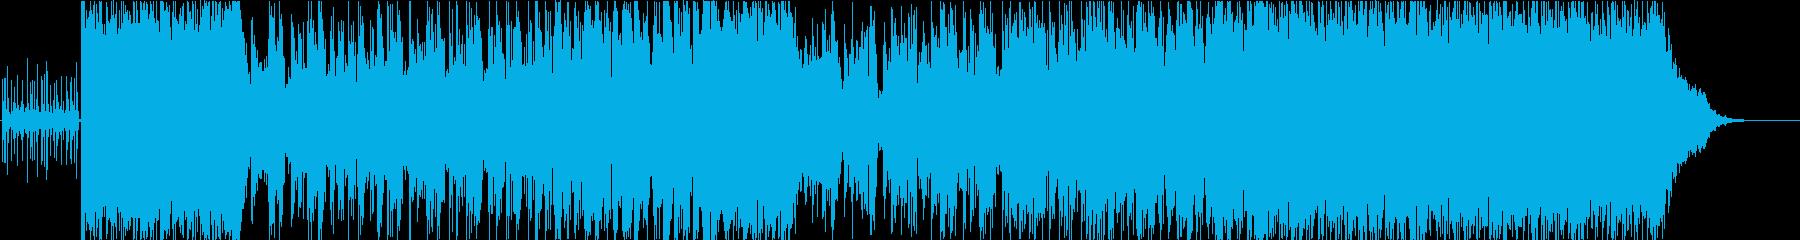 ブラッシュ!の再生済みの波形